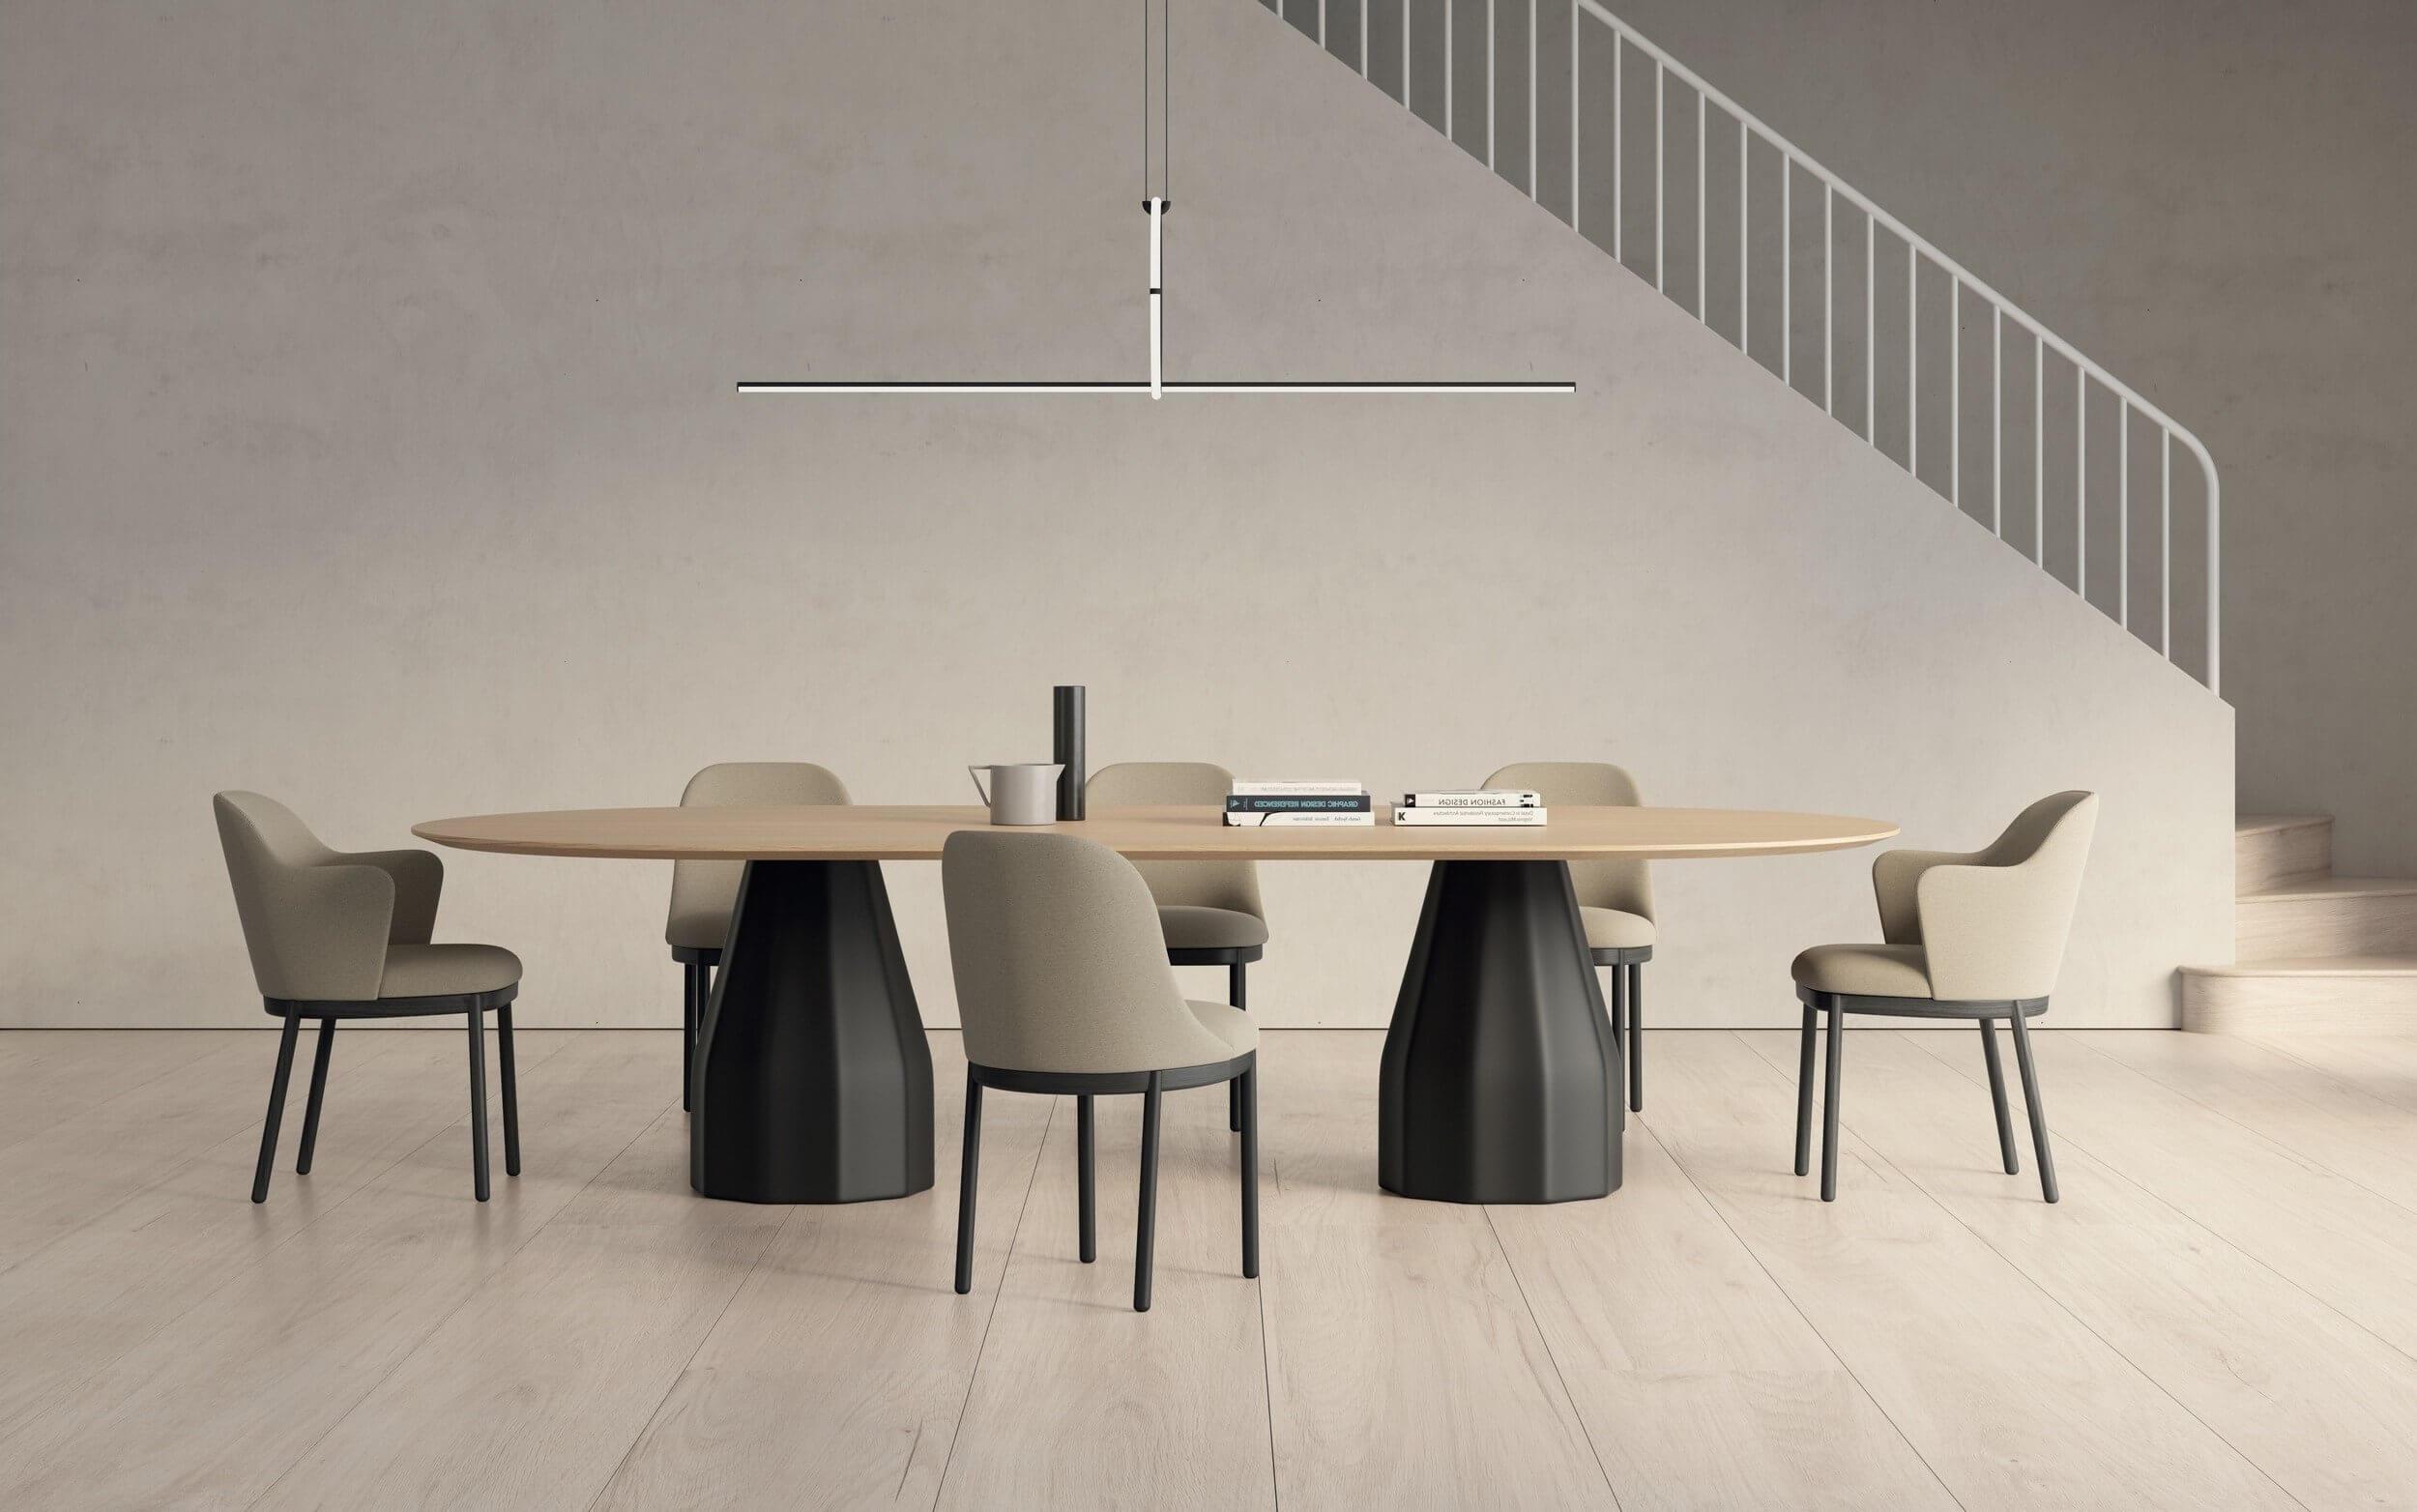 Table de réunion ovale design pour 6 personnes BURIN.